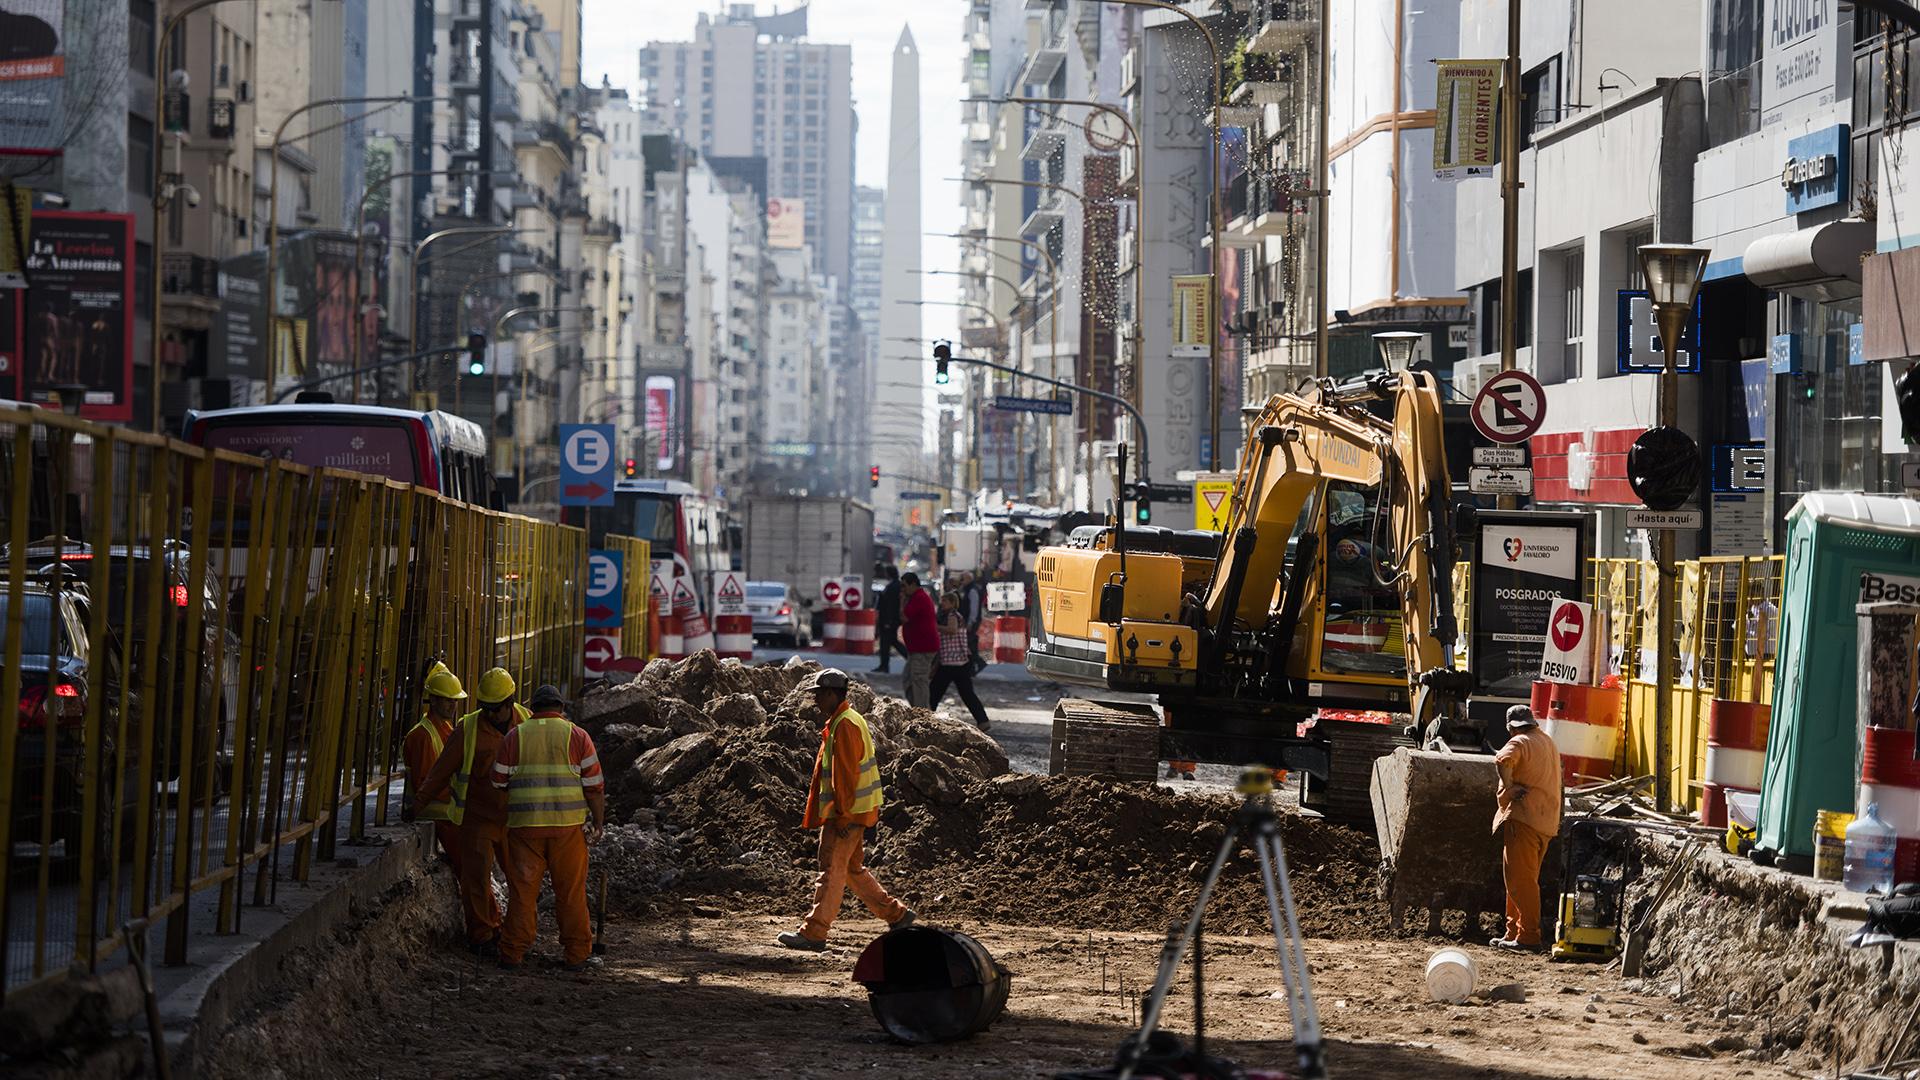 Las obras ya se pusieron en marcha. Una vez terminadas, no podrán circular autos desde Callao hasta Libertad entre las 19:30 y las 2